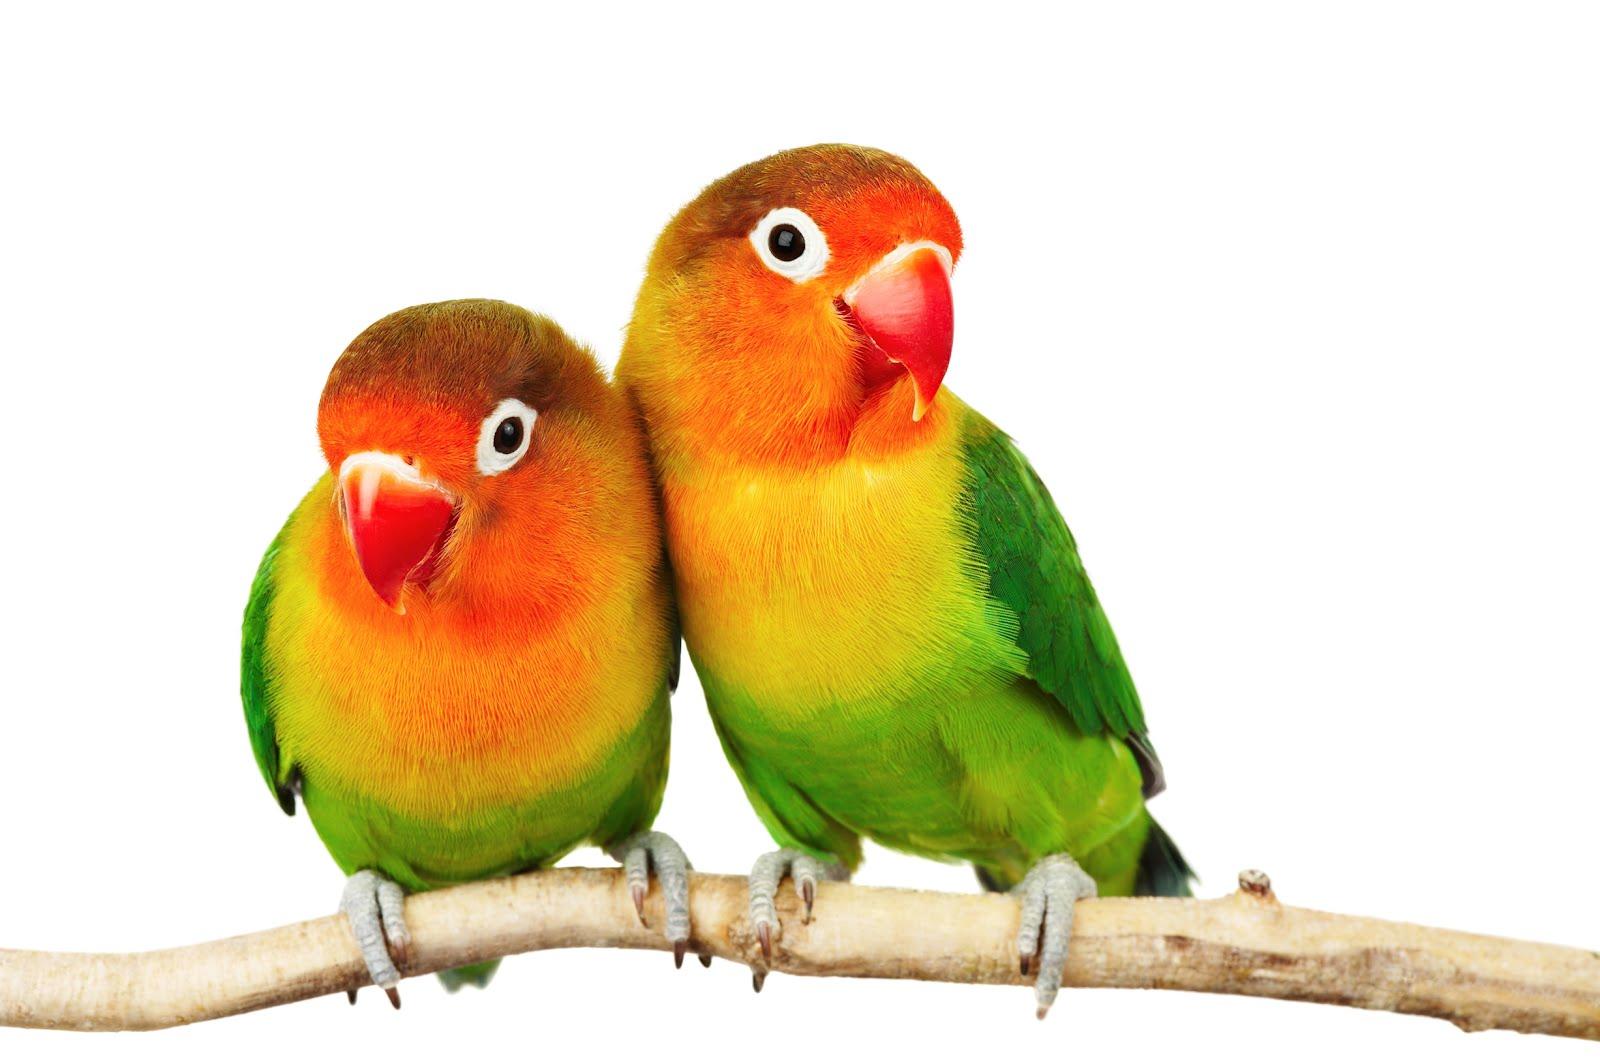 Amor en linea: buscar pareja y amor gratis - perfiles